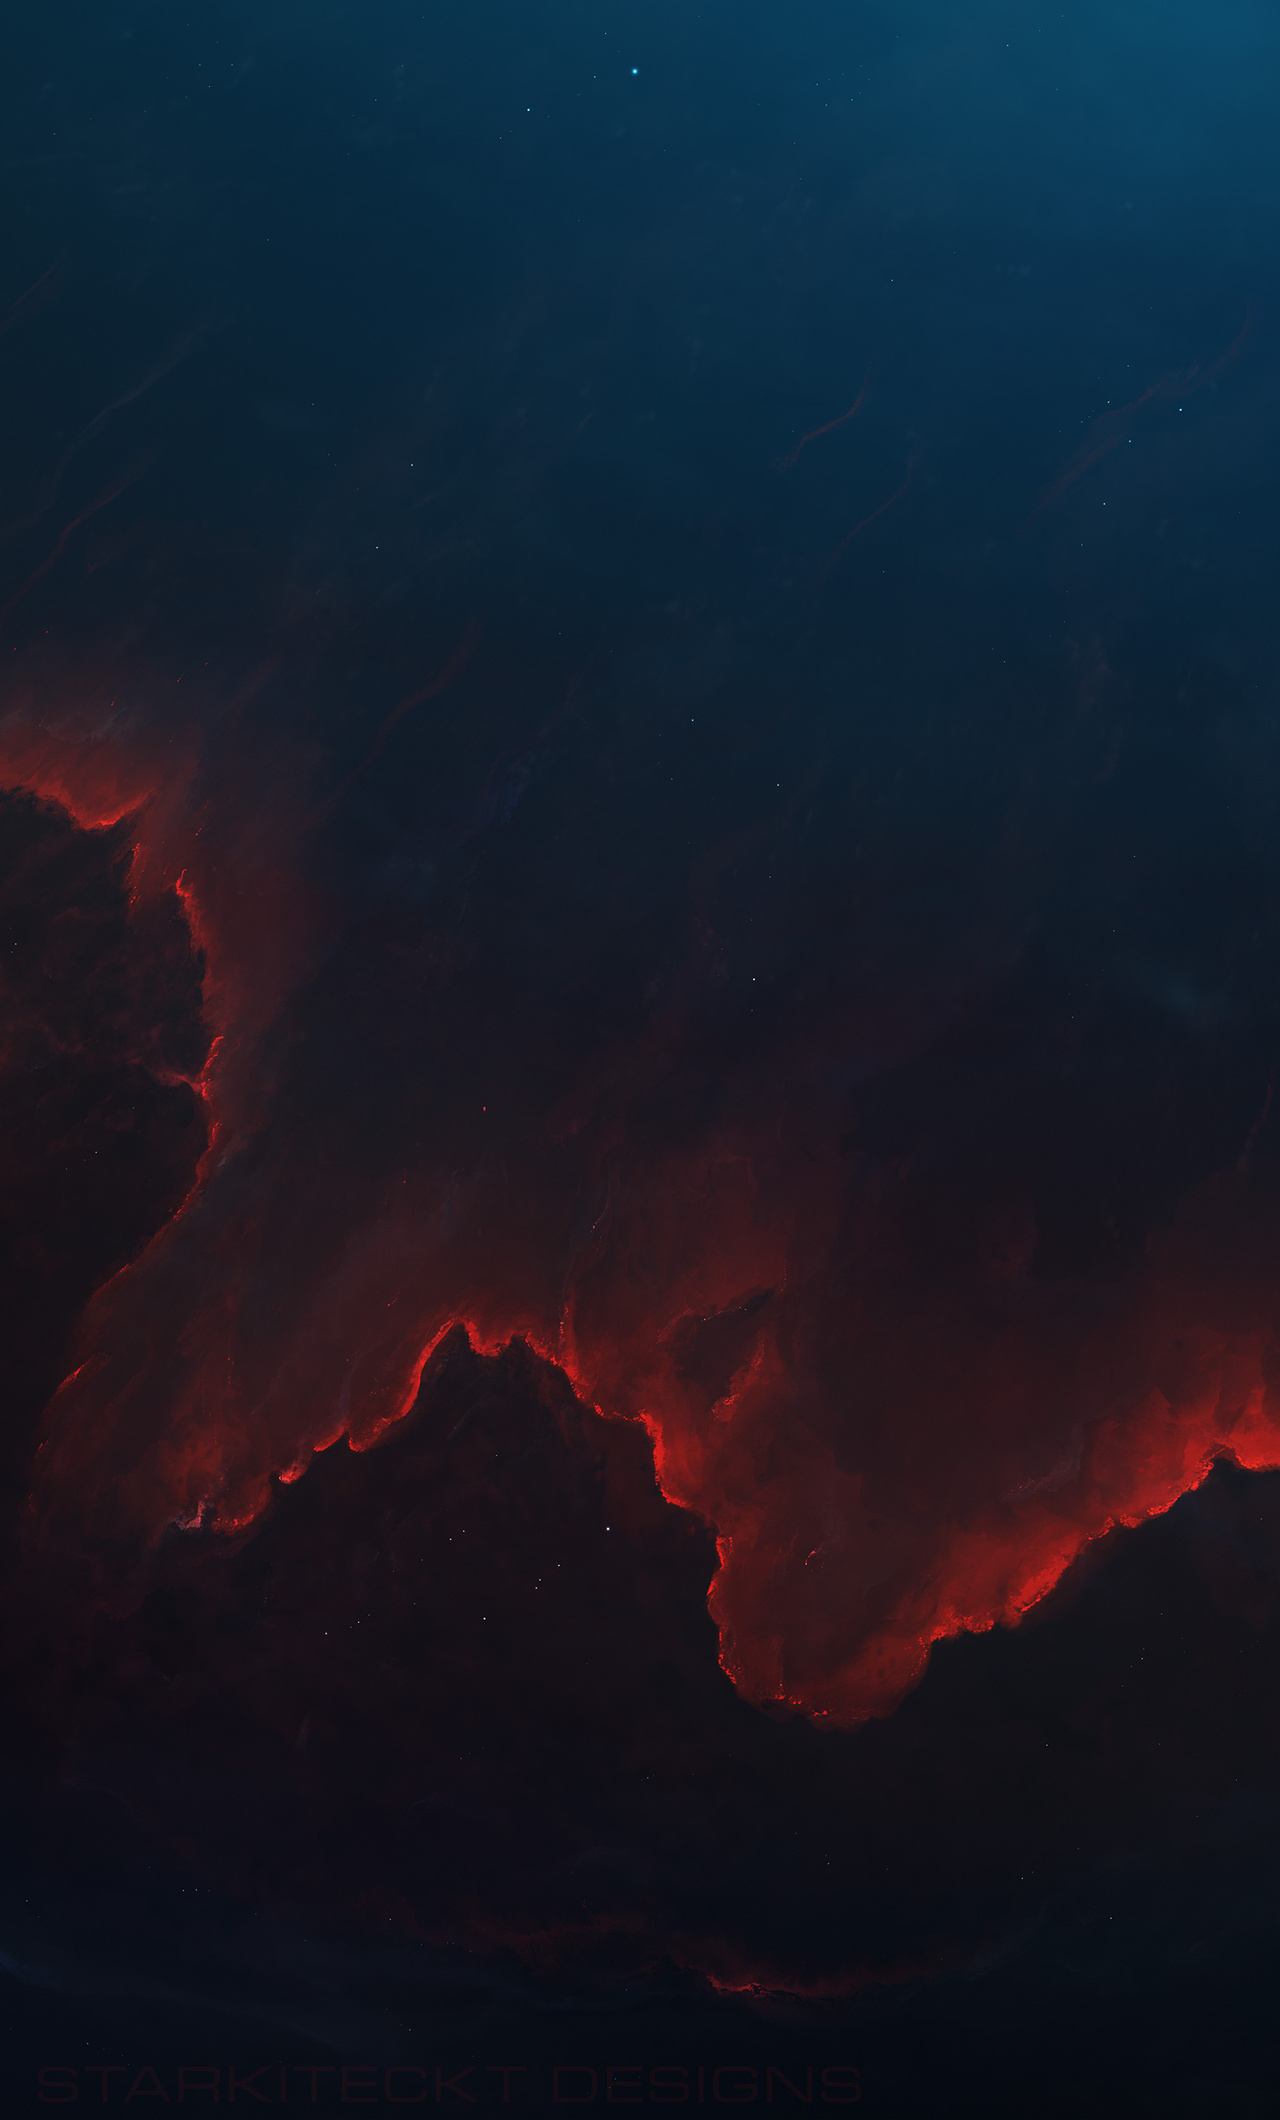 nebula-landscape-5k-pv.jpg